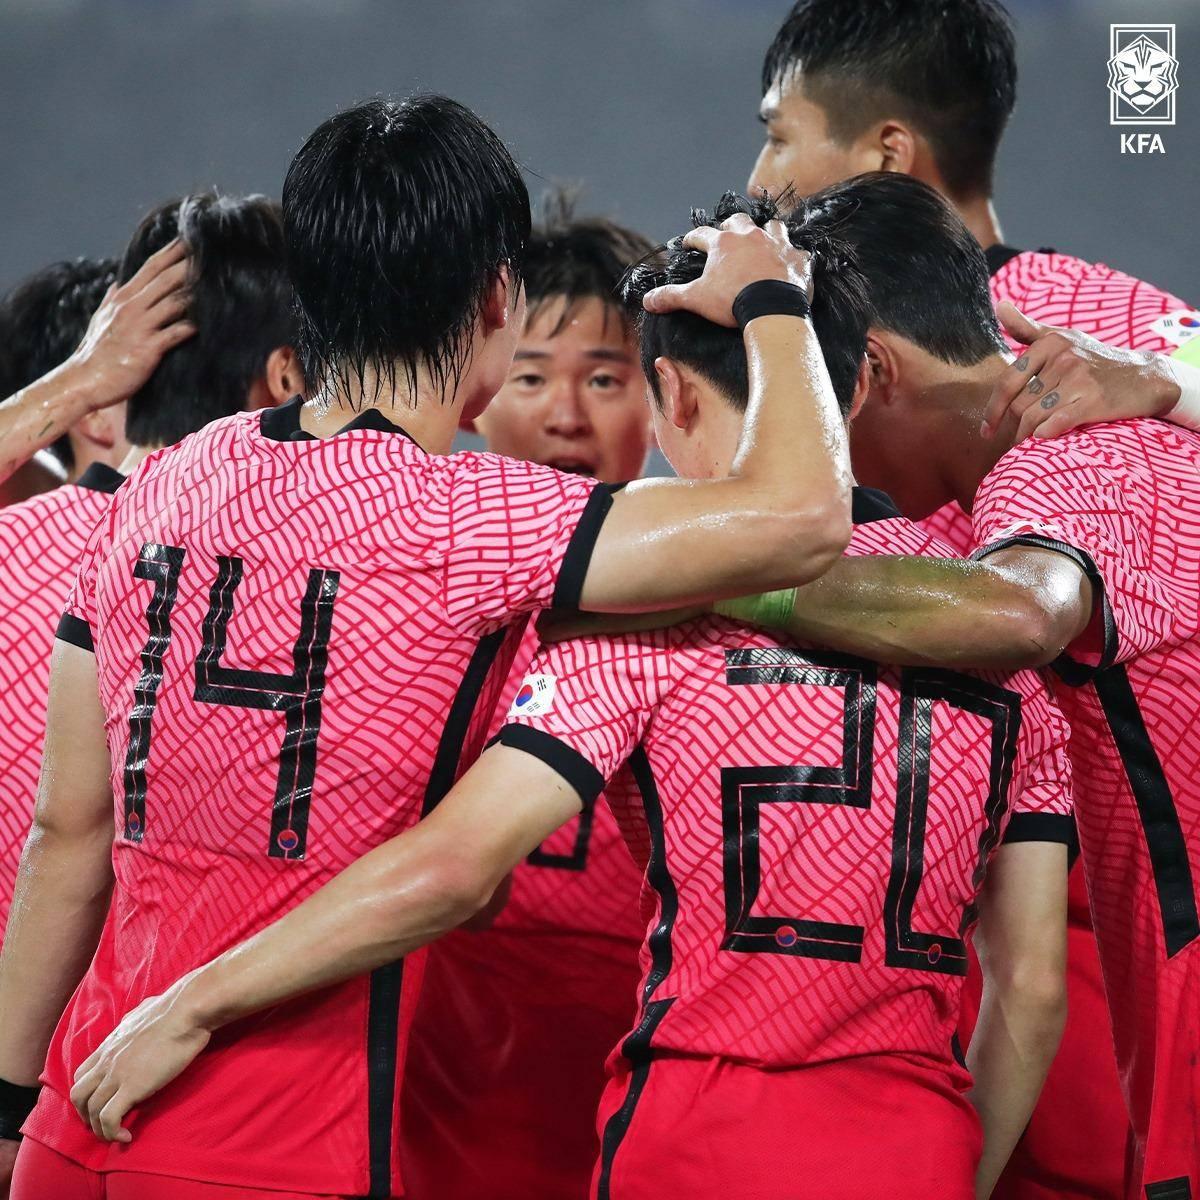 世界杯32队亚洲4.5队,奥运会16队亚洲4队,同样是足球差距这么大